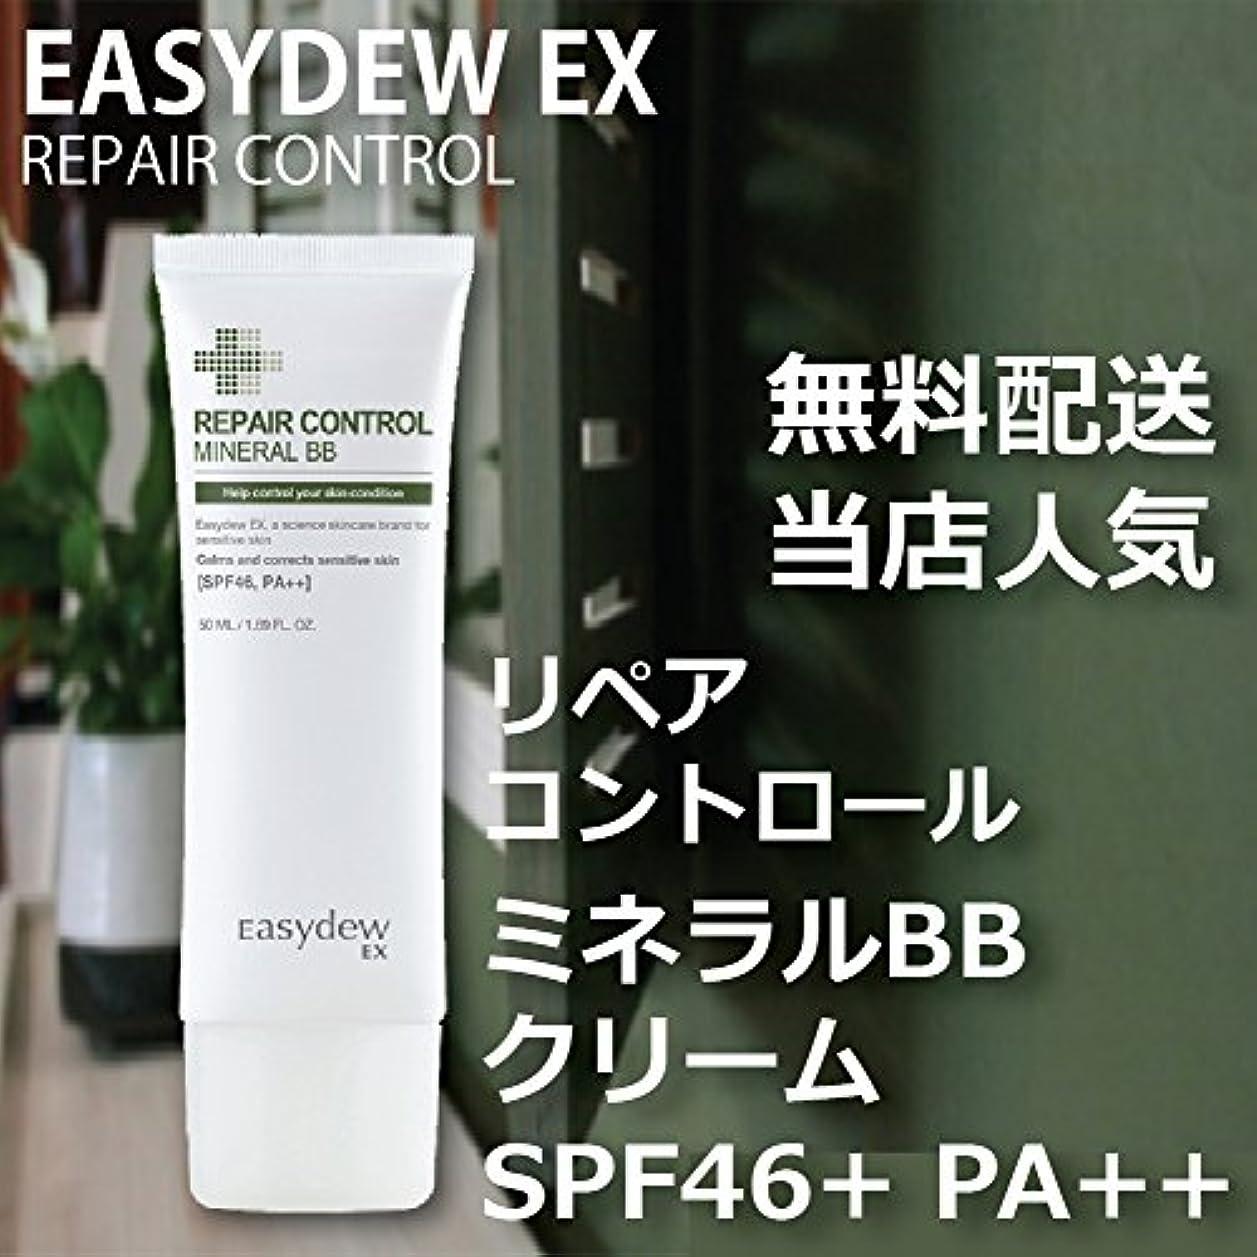 実際の区別合体EASY DEW EX ミネラル BBクリーム SPF46+ PA++ 50ml MINRAL BB CREAM 韓国 人気 コスメ イージーデュー 敏感 乾燥 美白 しわ 3重機能性